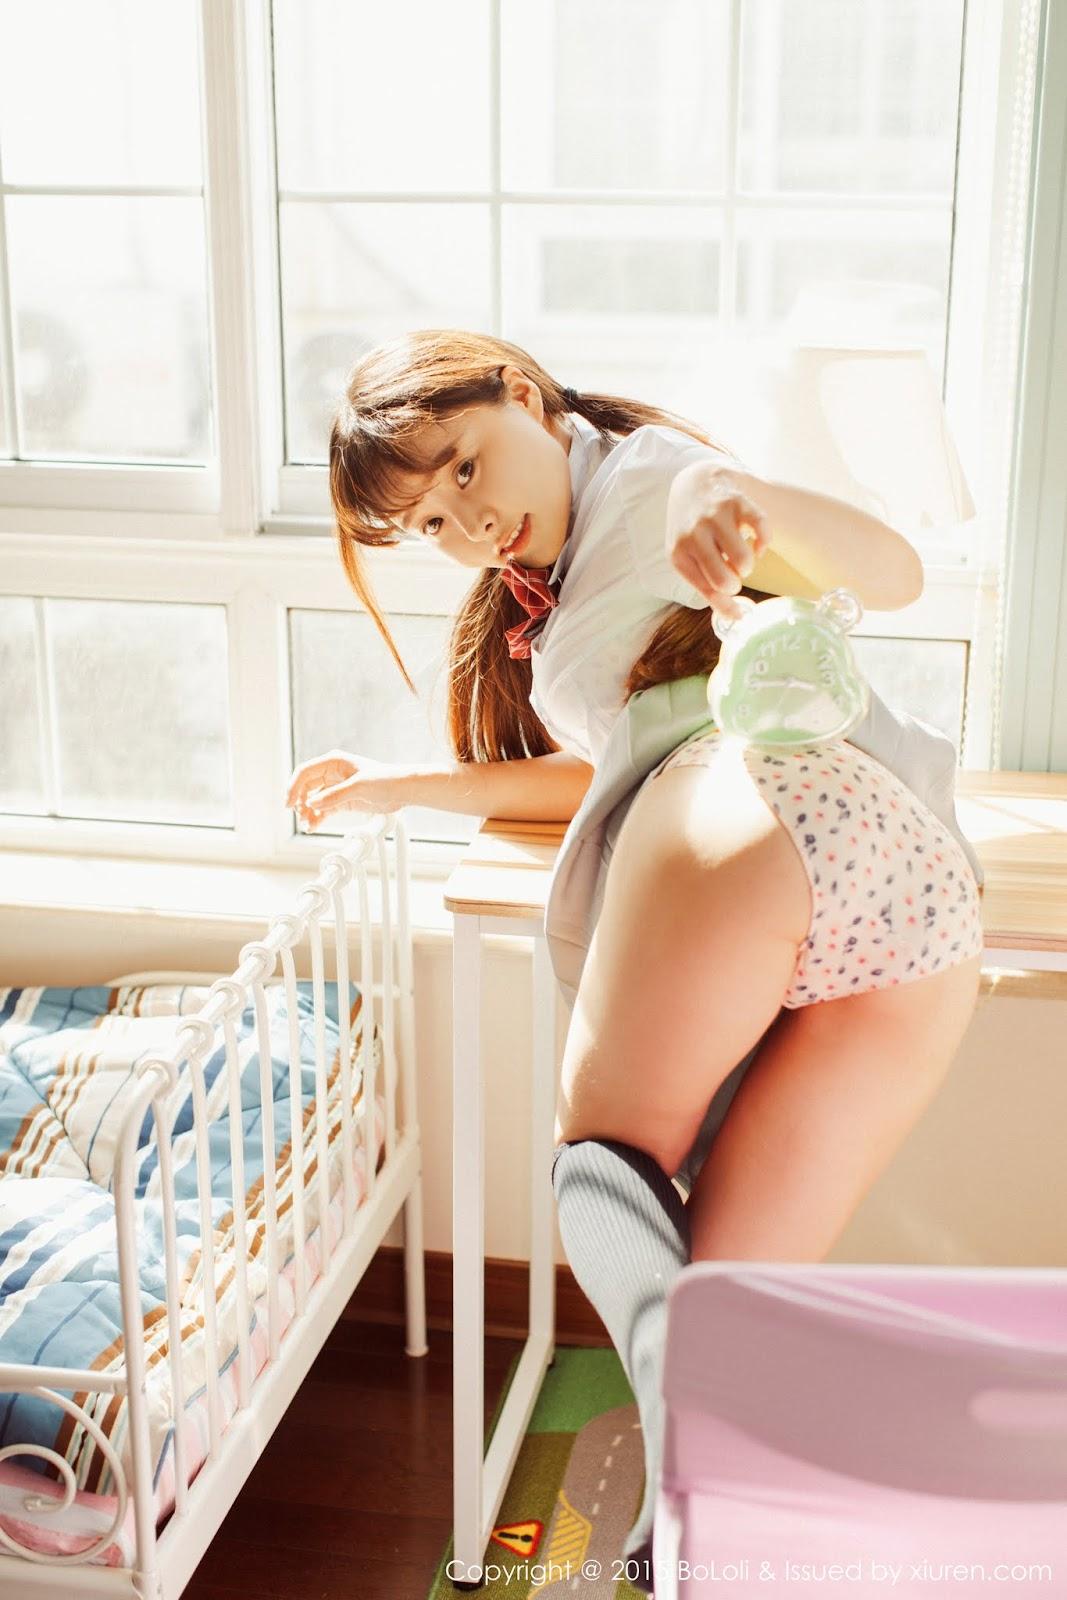 0012 - BOLOLI VOL.11 Seven Baby